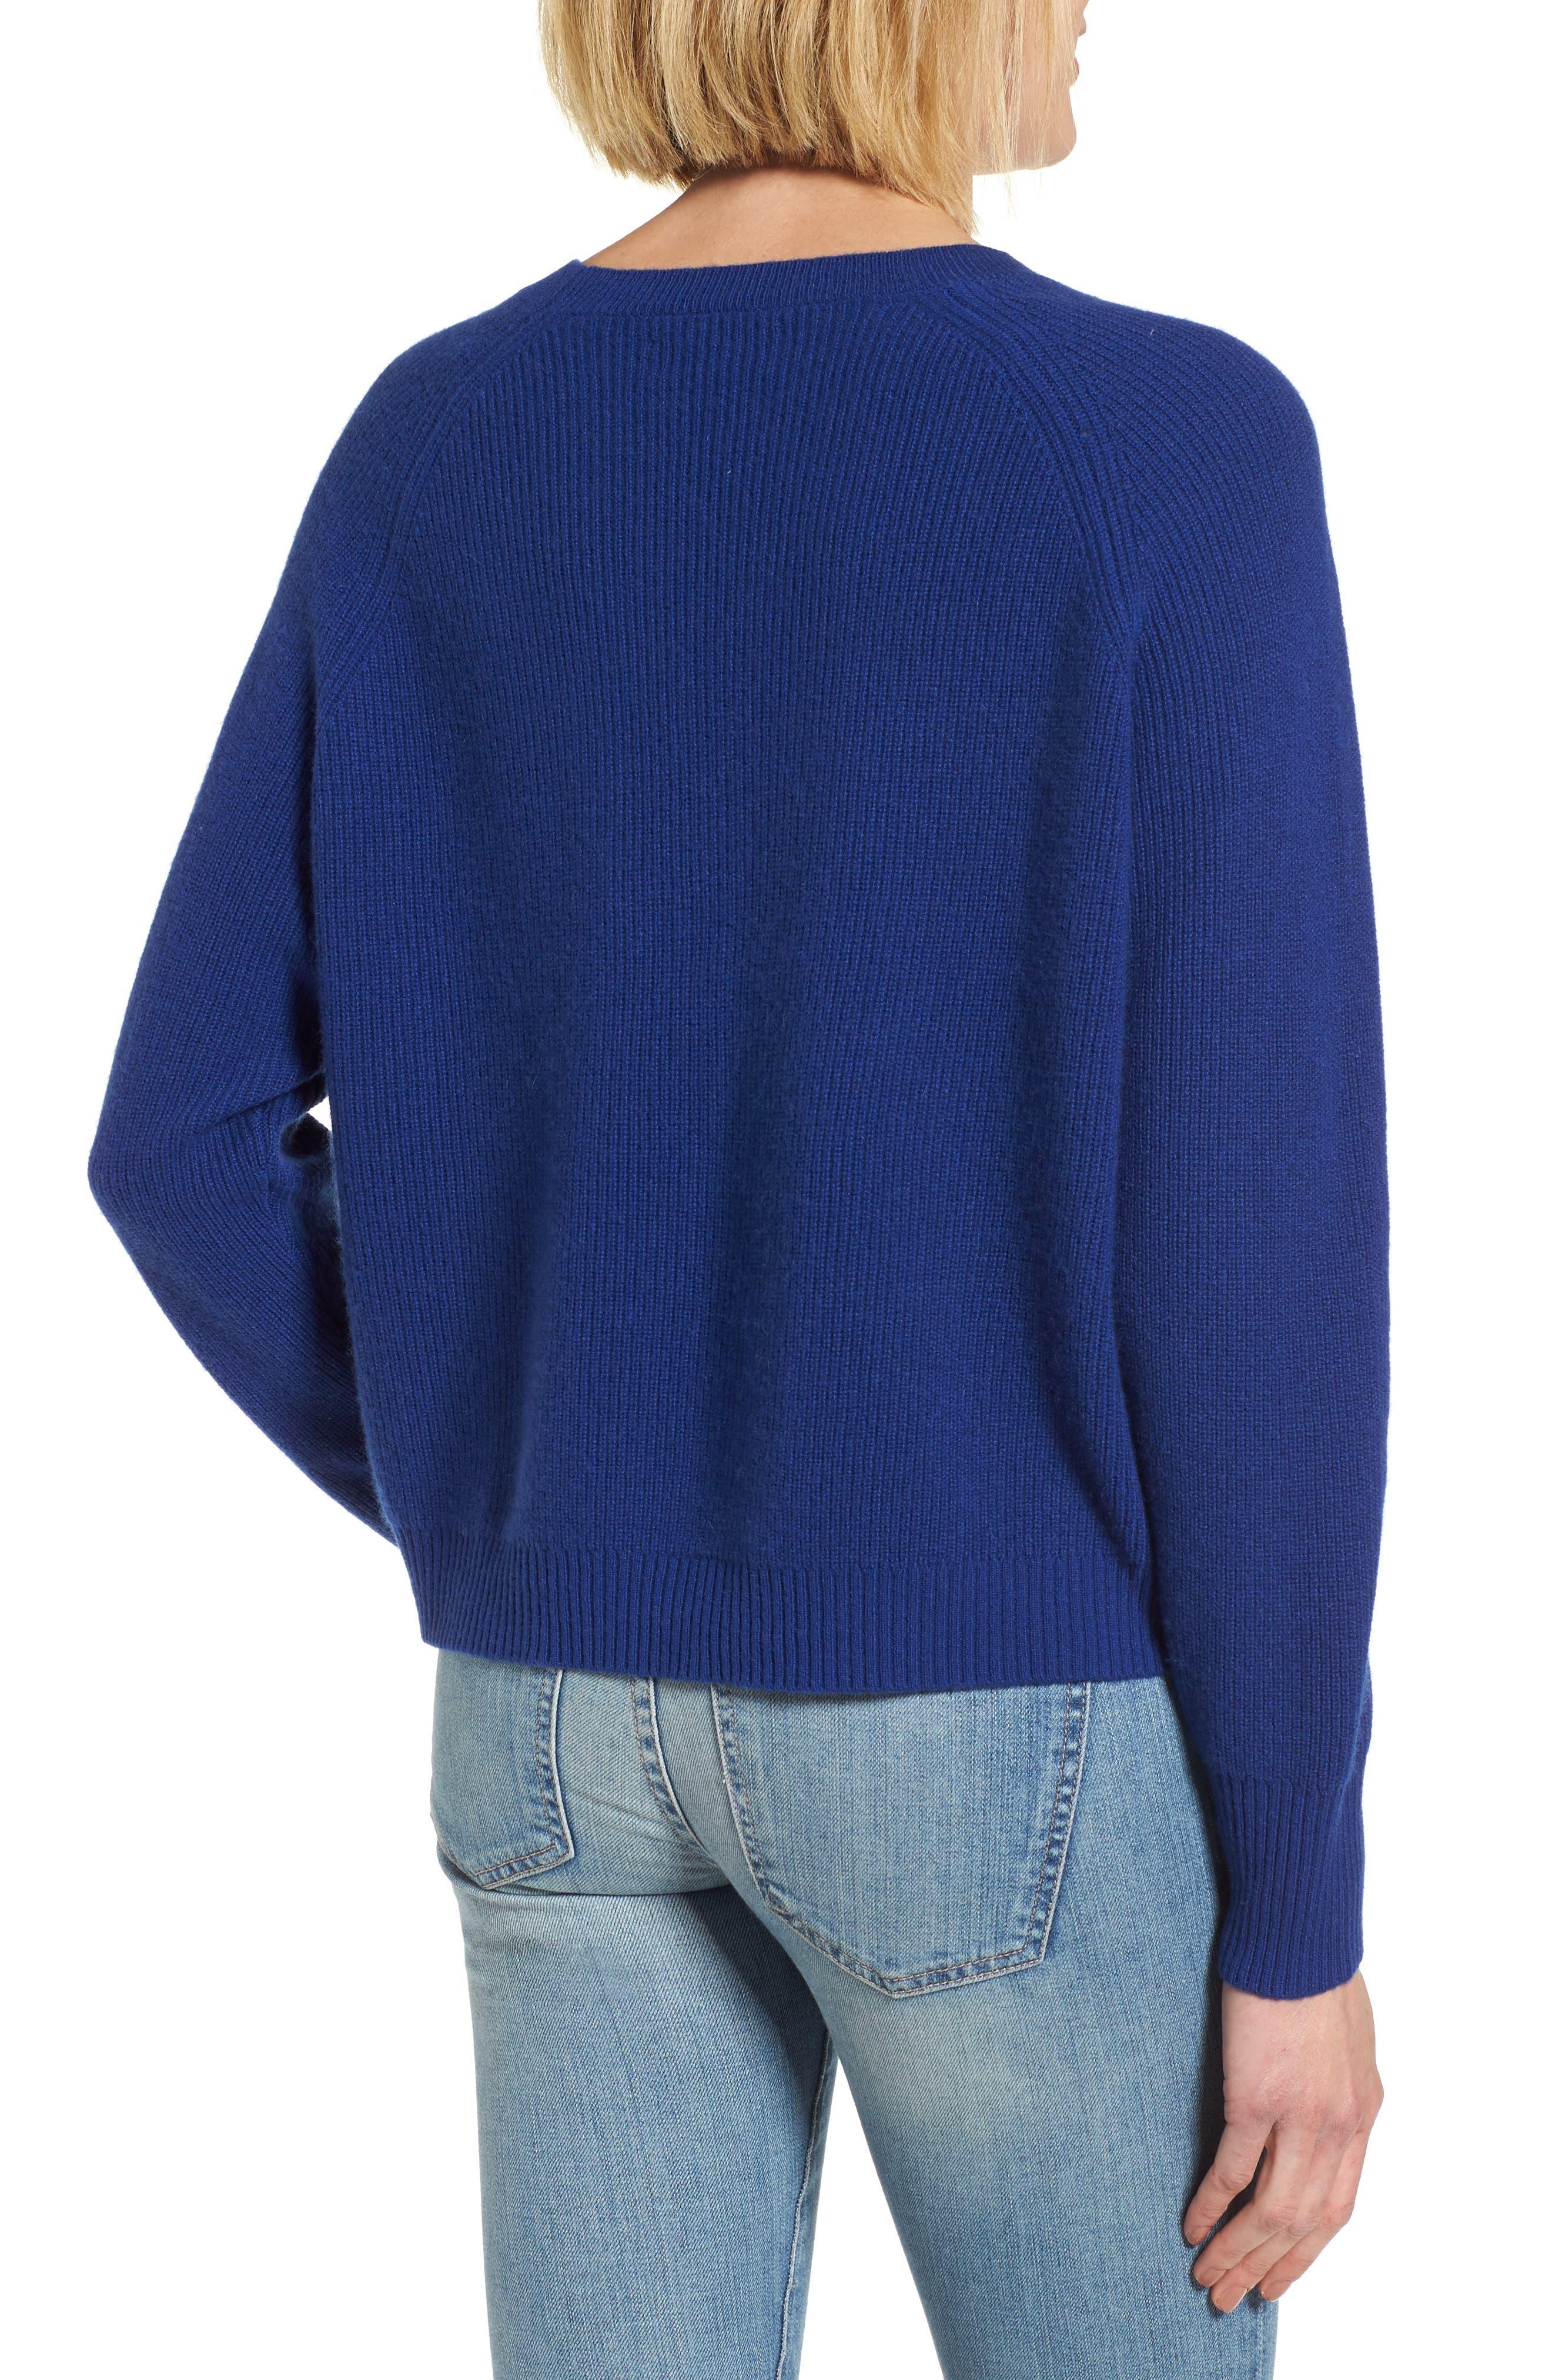 Cashmere Sweater,                             Alternate thumbnail 2, color,                             Coblt Blue